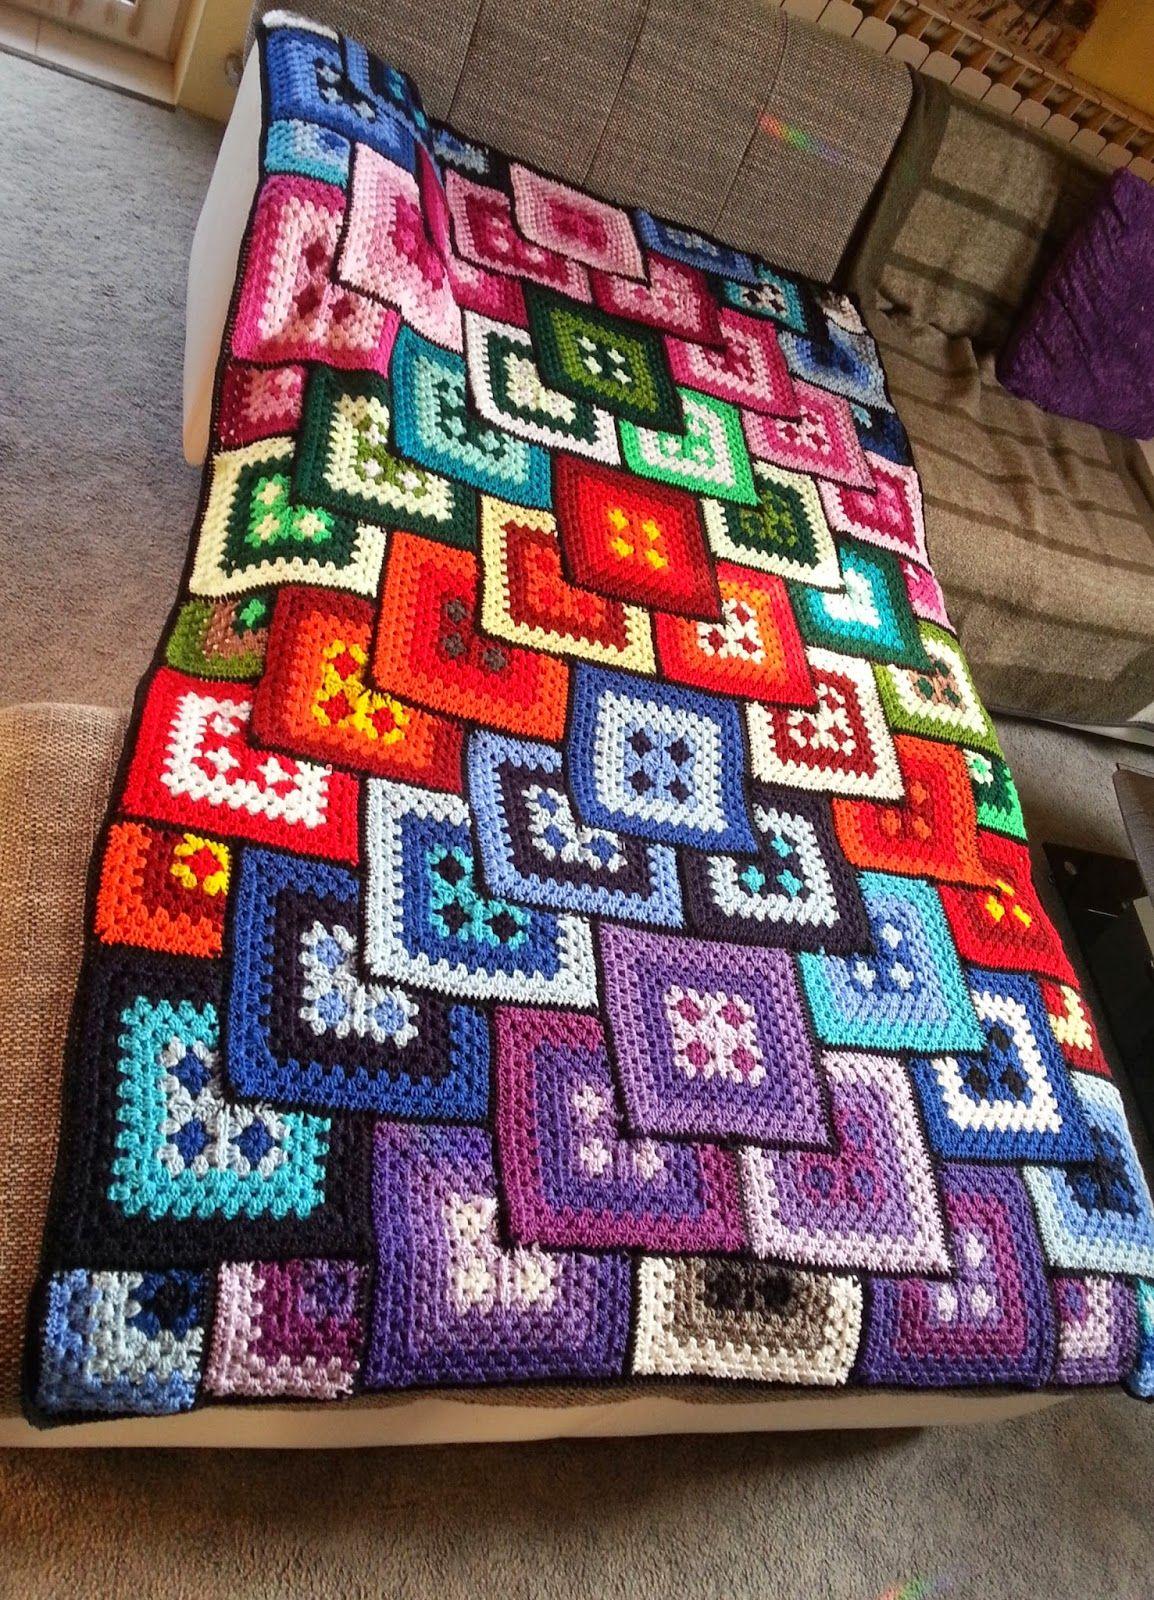 Patchwork-Granny-Decke | Pinterest | Deckchen, Patchwork und Häkeln